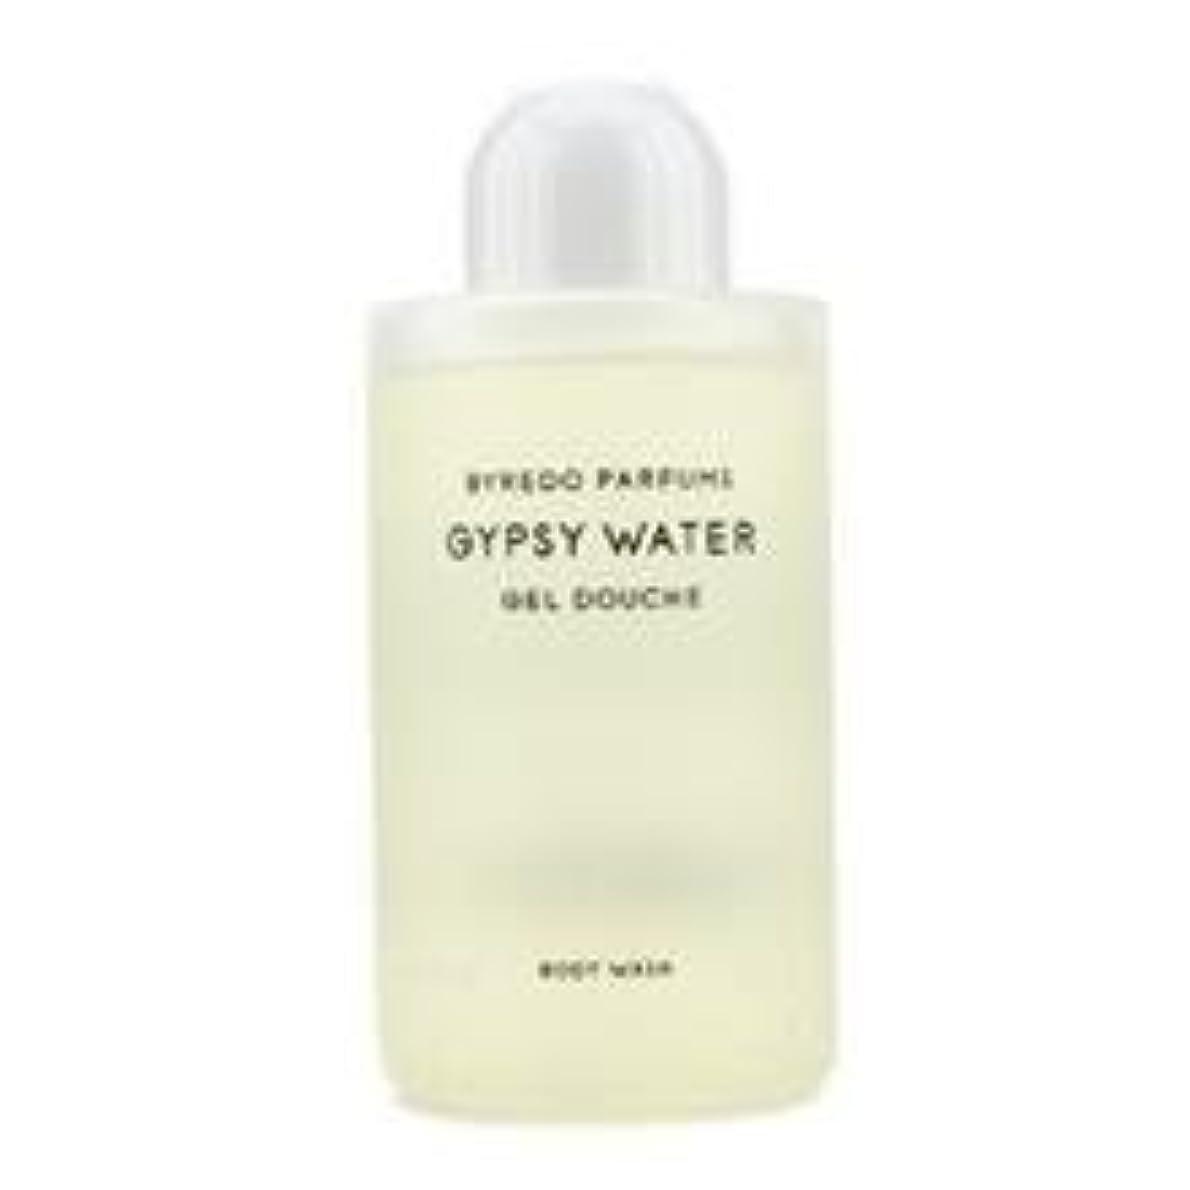 ジャンピングジャック解くゼロByredo Gypsy Water Body Wash 225ml/7.6oz by Byredo